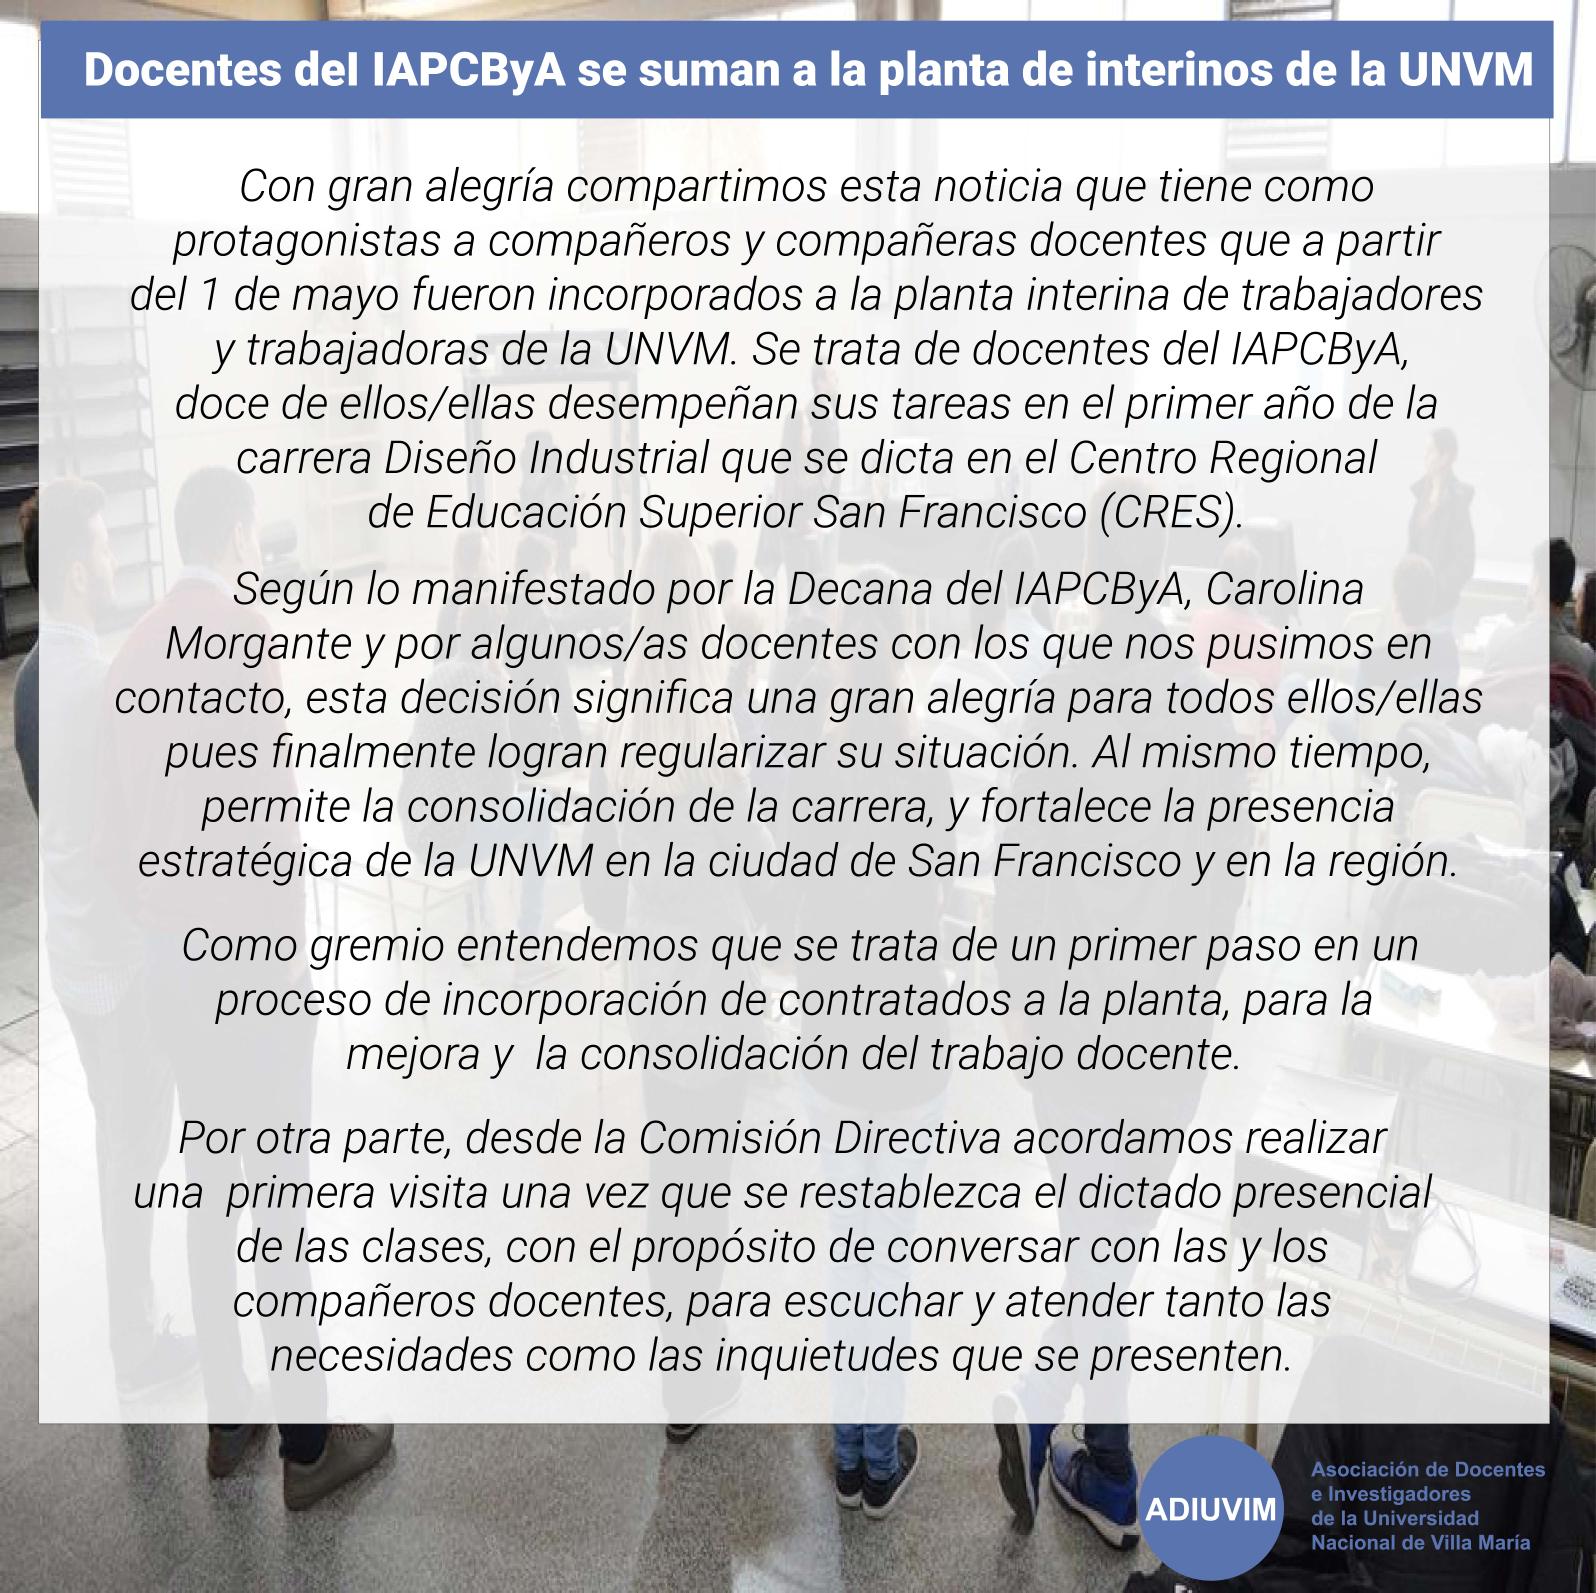 Docentes del IAPCByA se suman a la planta de interinos de la UNVM